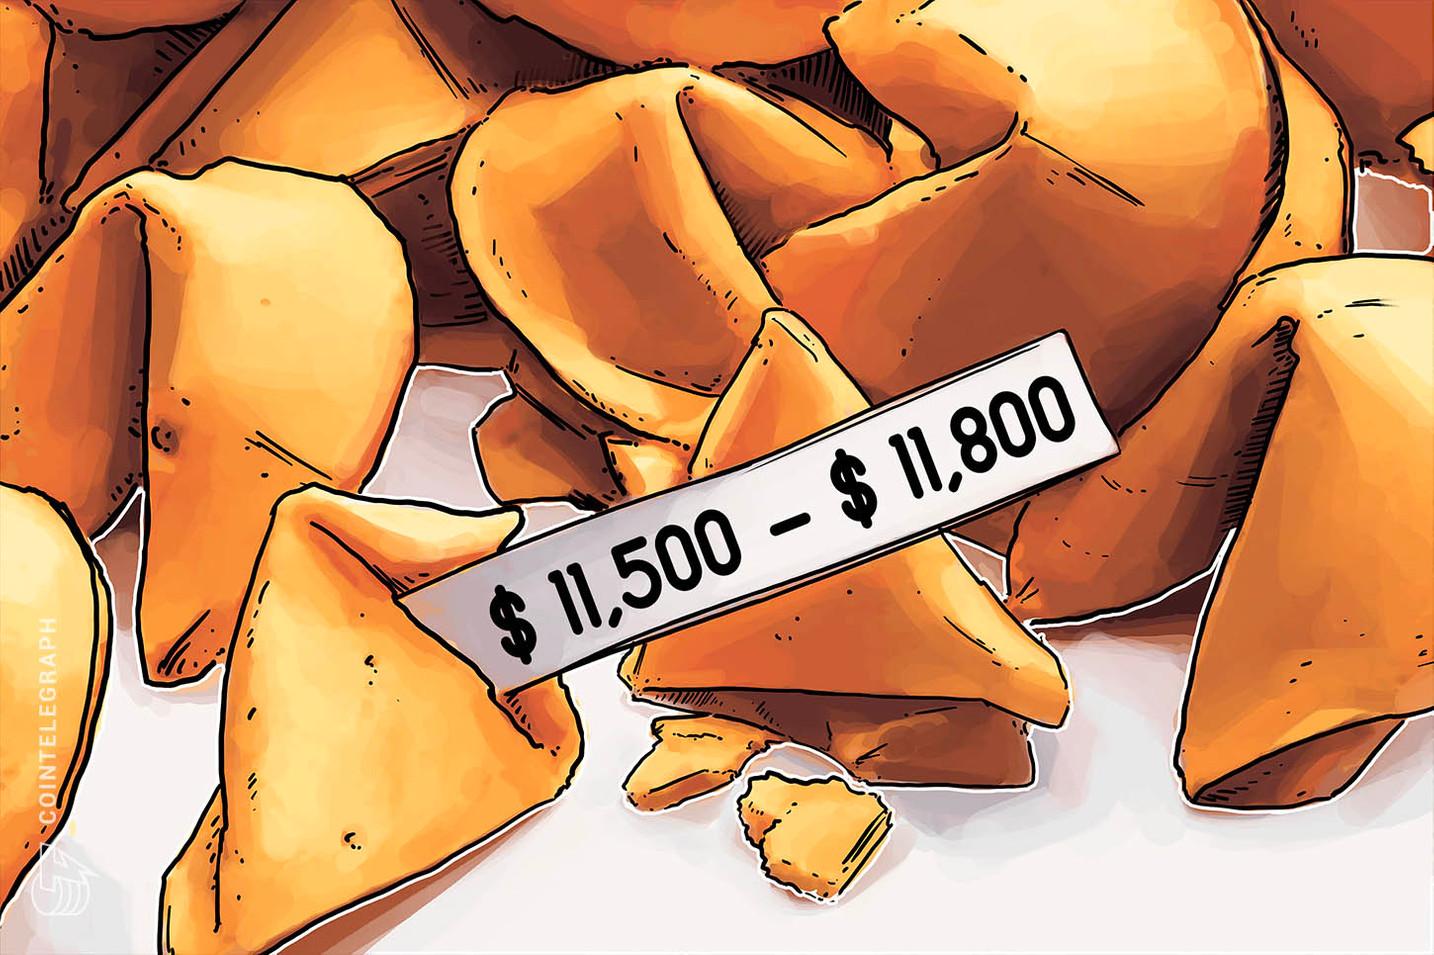 Markt-Stratege sieht BTC bald zwischen 11.500 und 11.800 US-Dollar